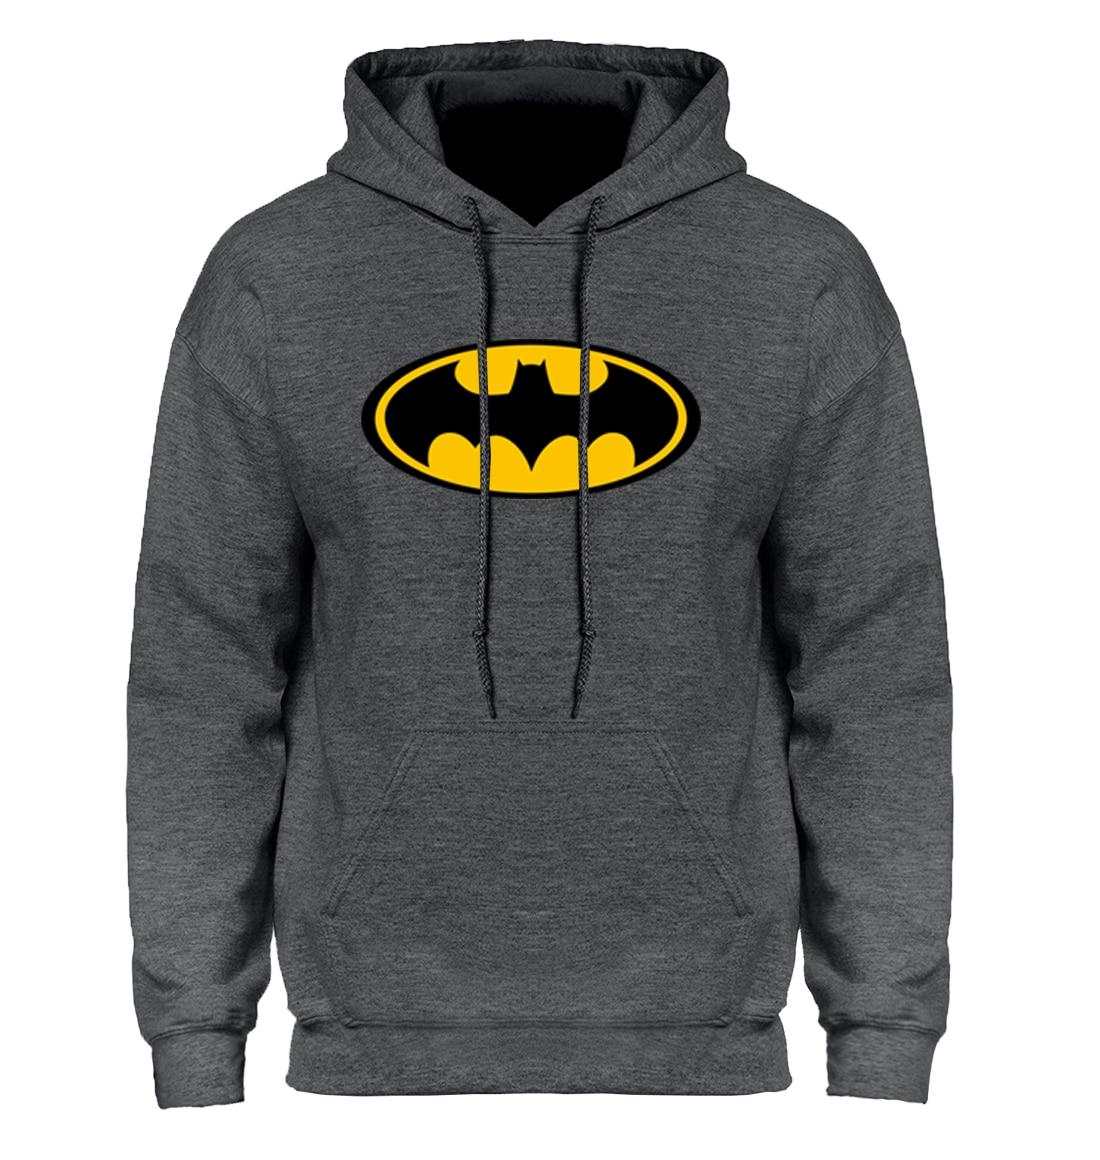 Batman Dos Desenhos Animados Moletom Com Capuz Camisola Hoodies Dos Homens 2018 Outono Inverno Com Capuz Casaco Com Capuz Homens Casual Silm Projeto de Venda Quente do Sexo Masculino dos homens casaco